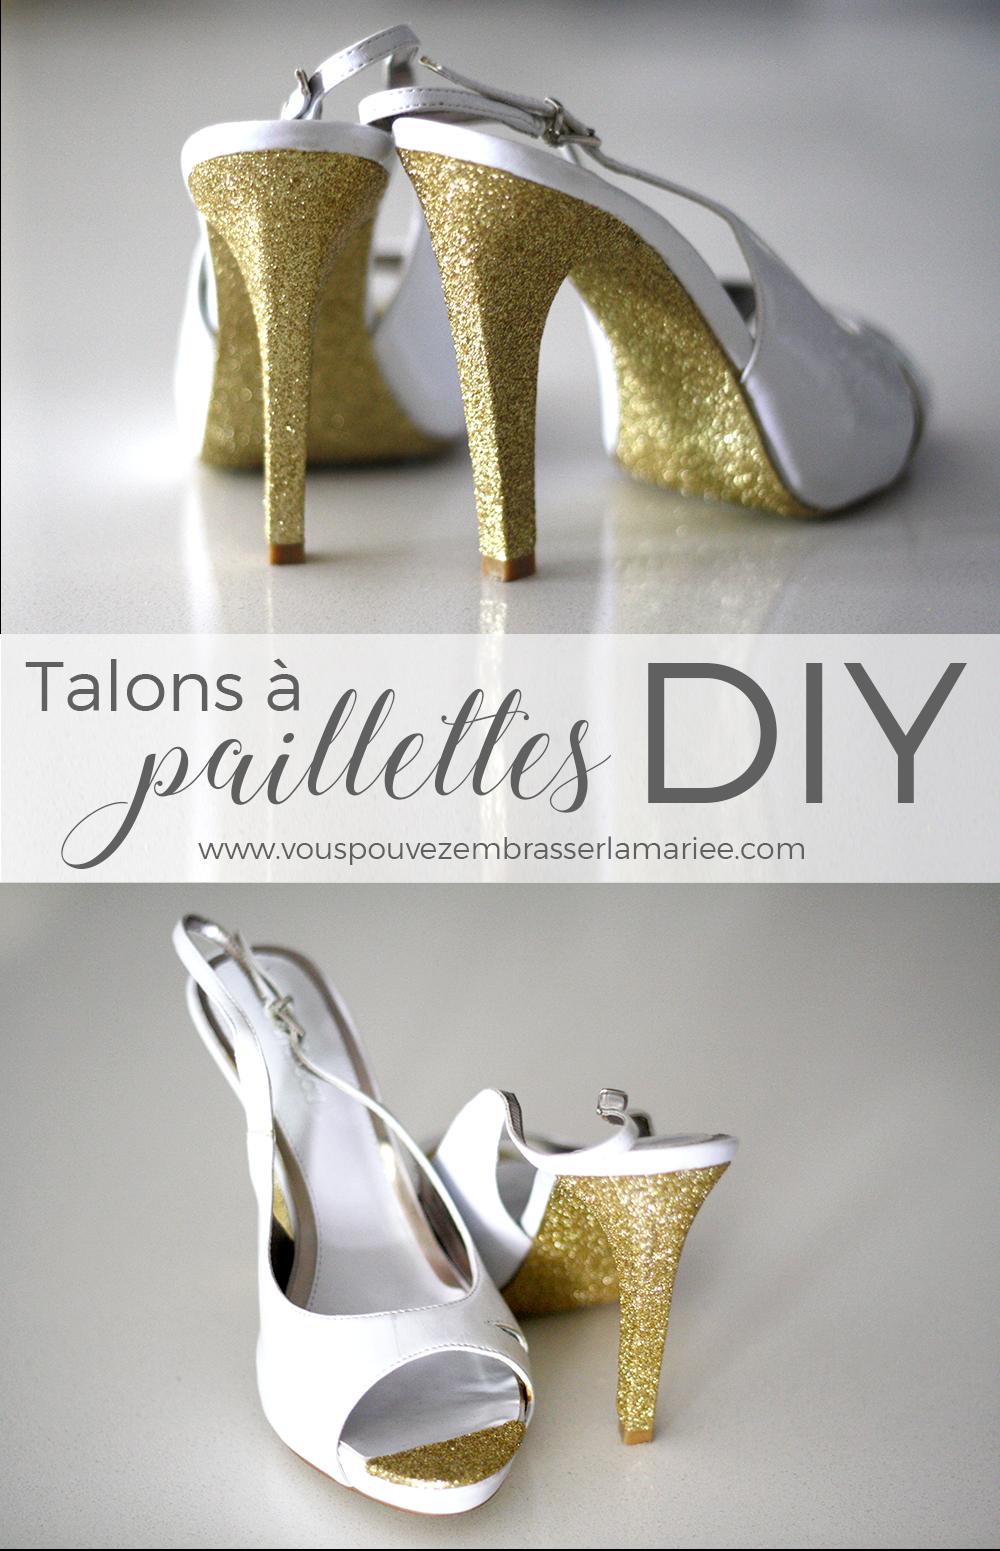 Projet DIY super facile et vraiment sublime ! Je pourrais donner un petit côté glamour à mes escarpins en un clin d'oeil. Ça me fait penser aux chaussures Kate Spade avec les paillettes sur la semelle et sur le talon. A essayer !